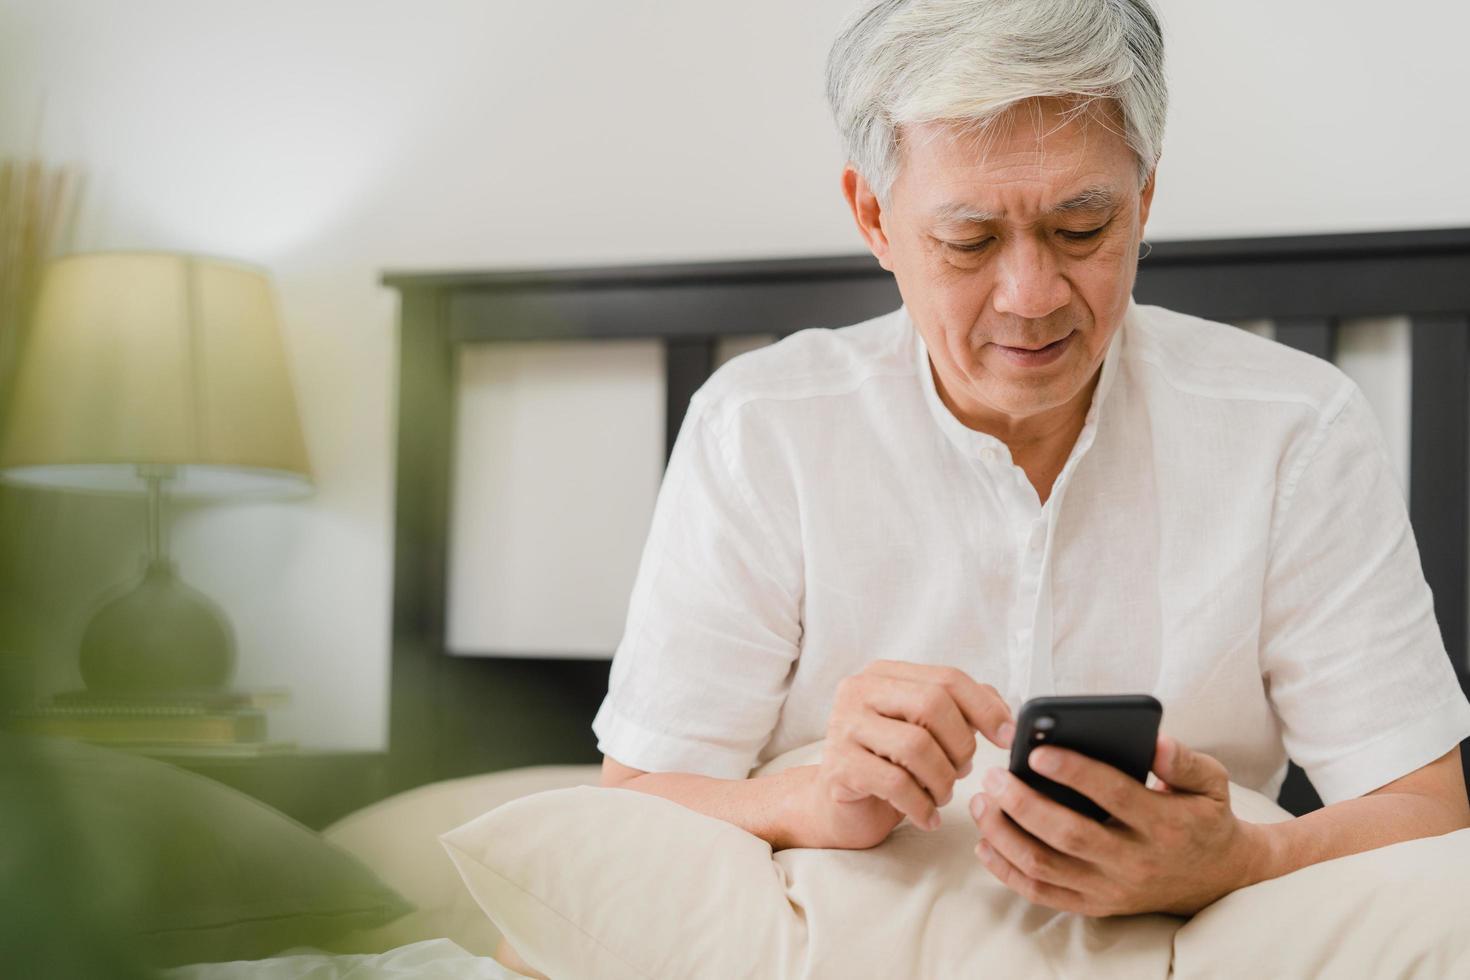 asiatique, homme aîné, utilisation, téléphone portable, chez soi photo